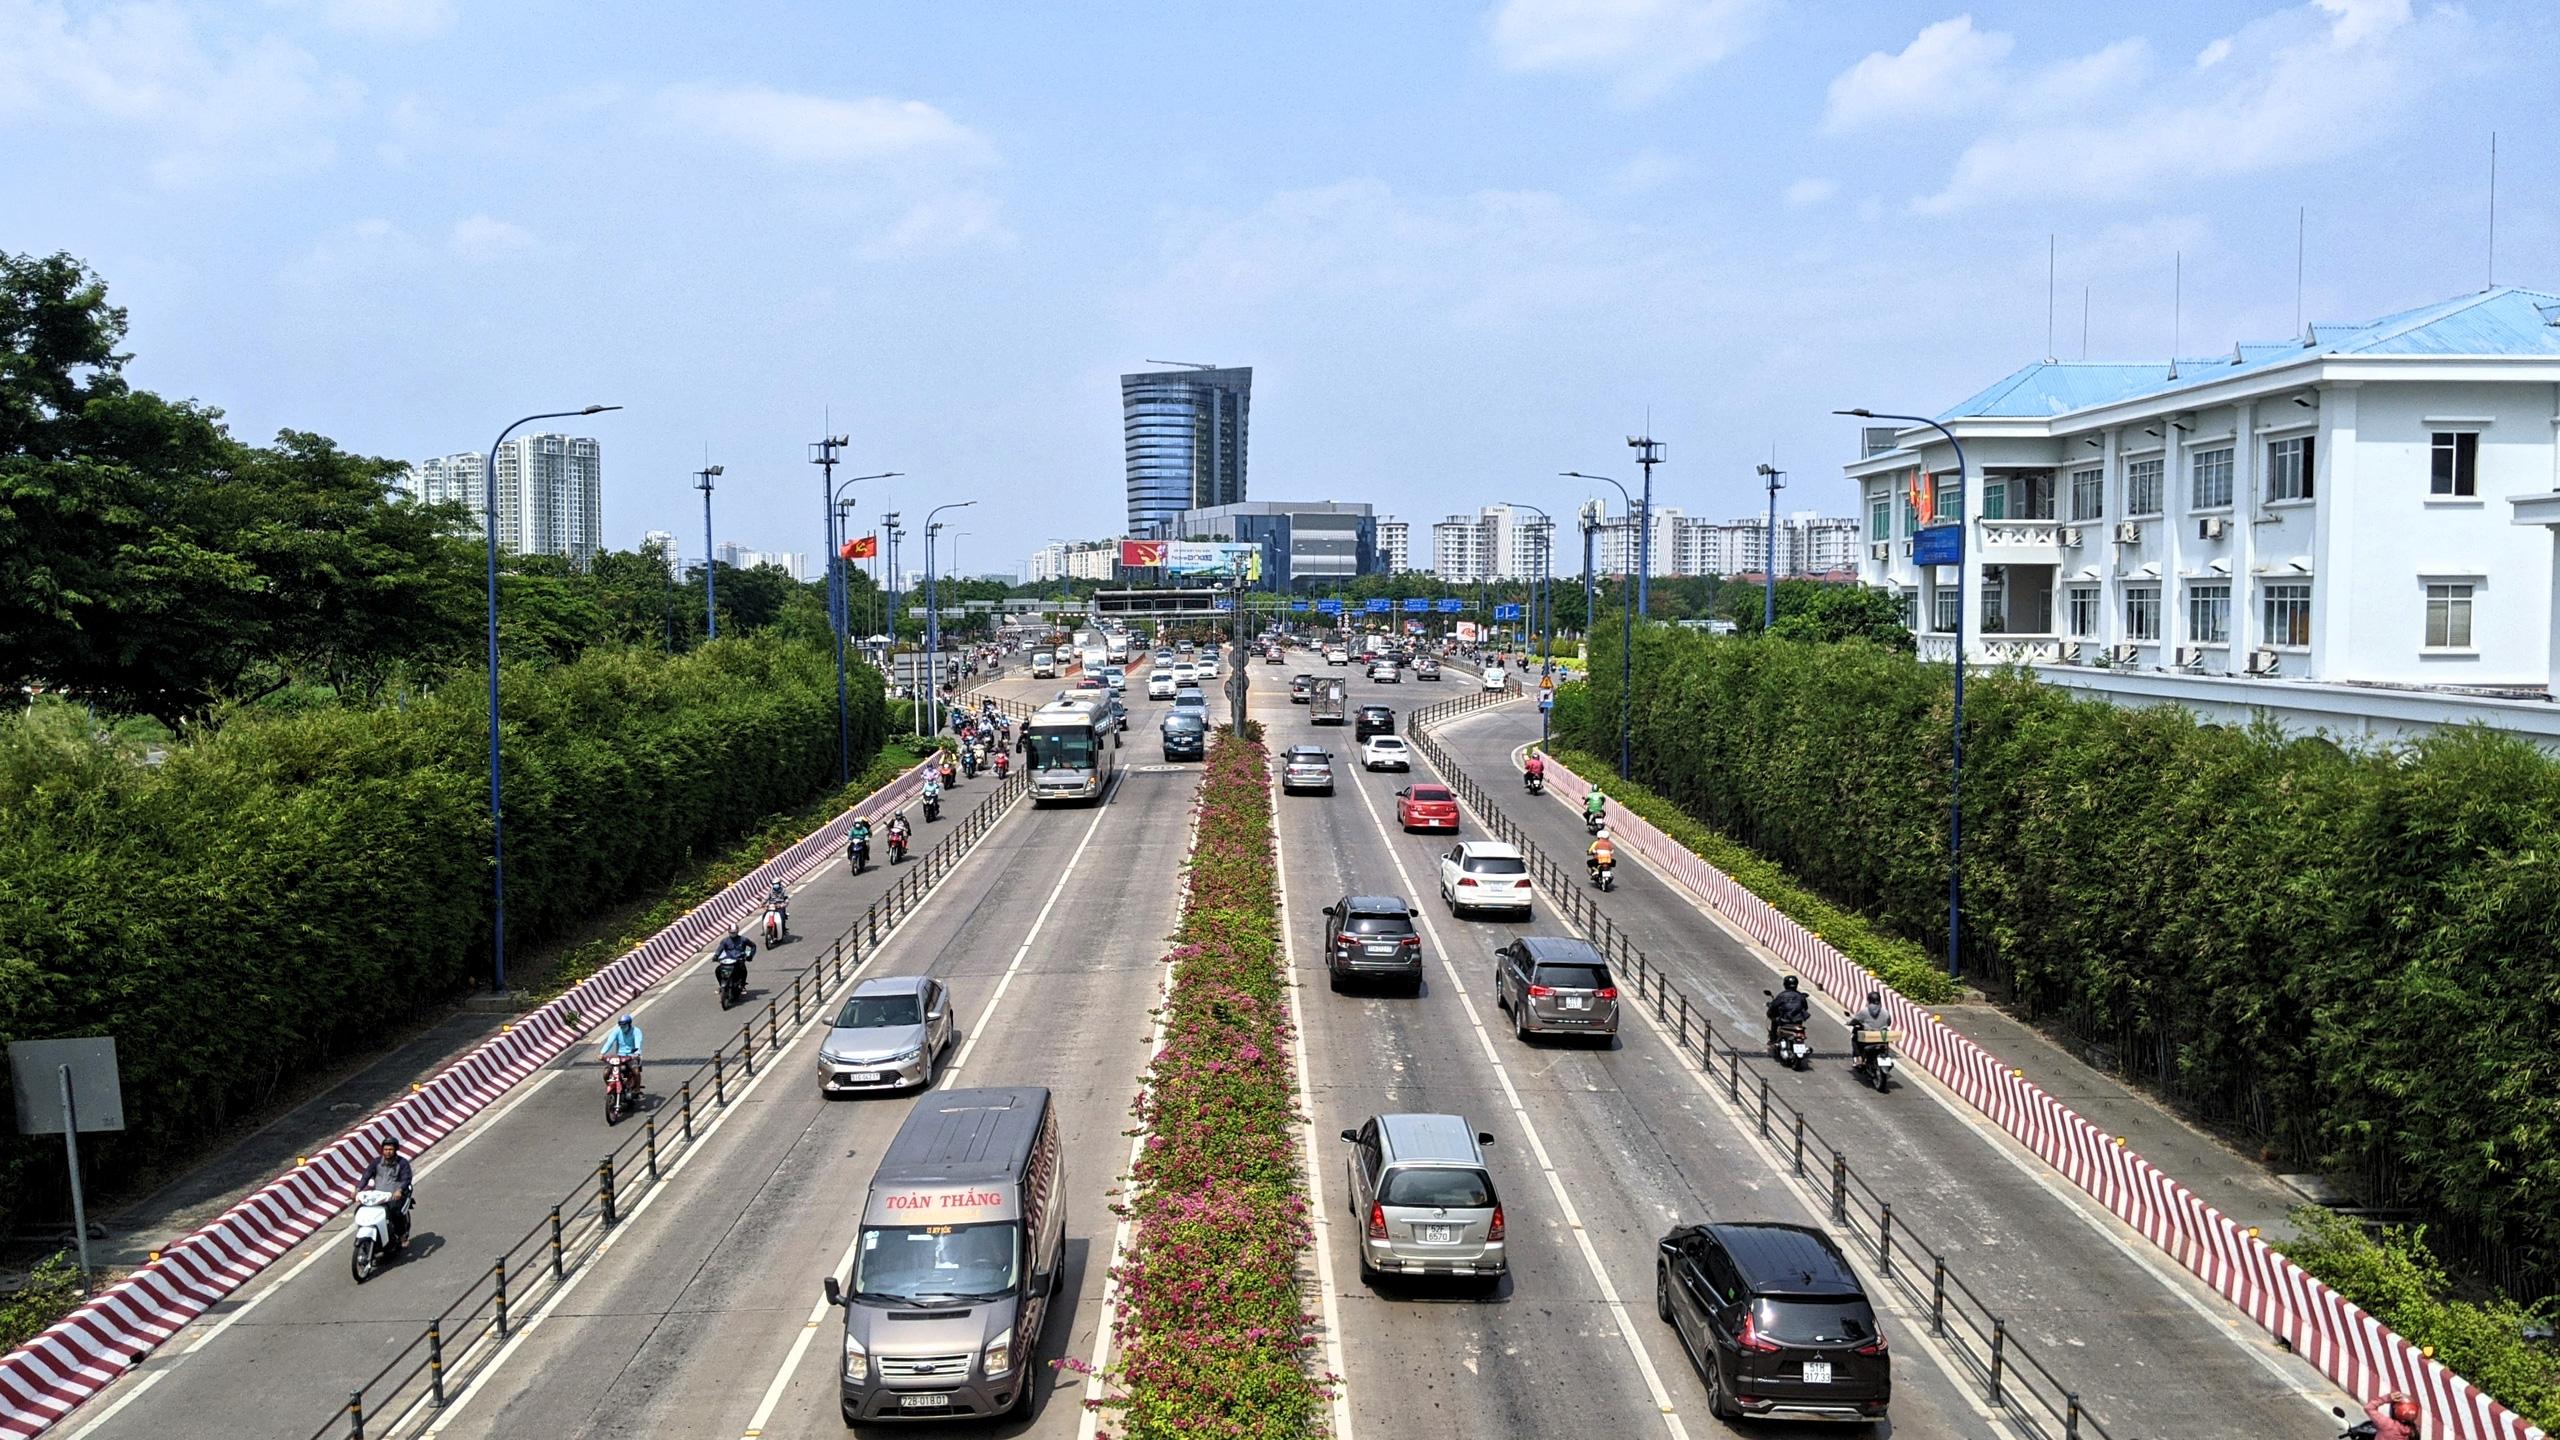 Nhìn lại những tuyến giao thông trọng điểm của TP Thủ Đức - Ảnh 8.